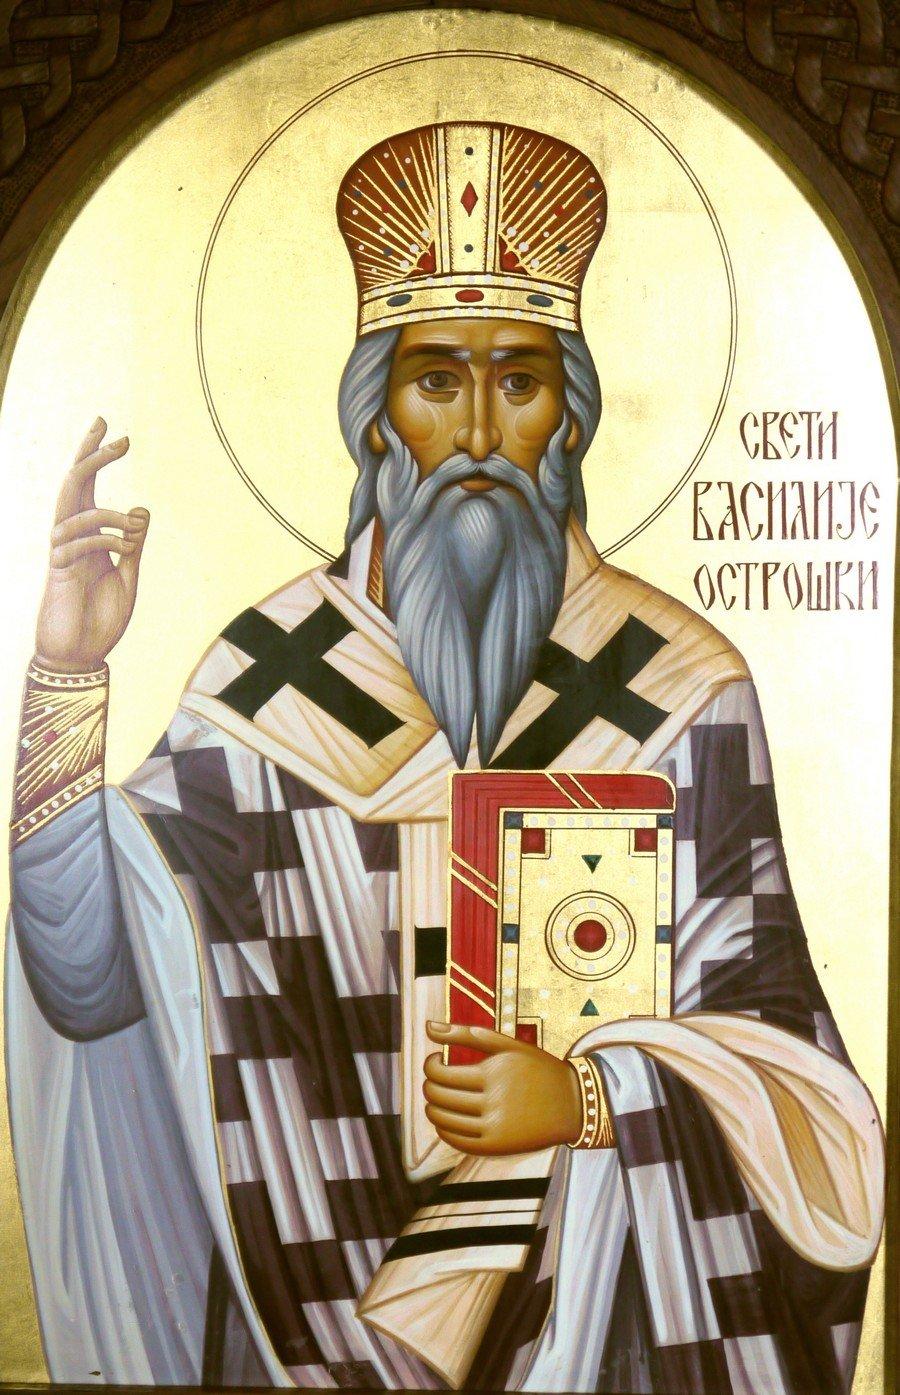 Святитель Василий Острожский, Митрополит Захолмский, Чудотворец. Икона в монастыре Острог.